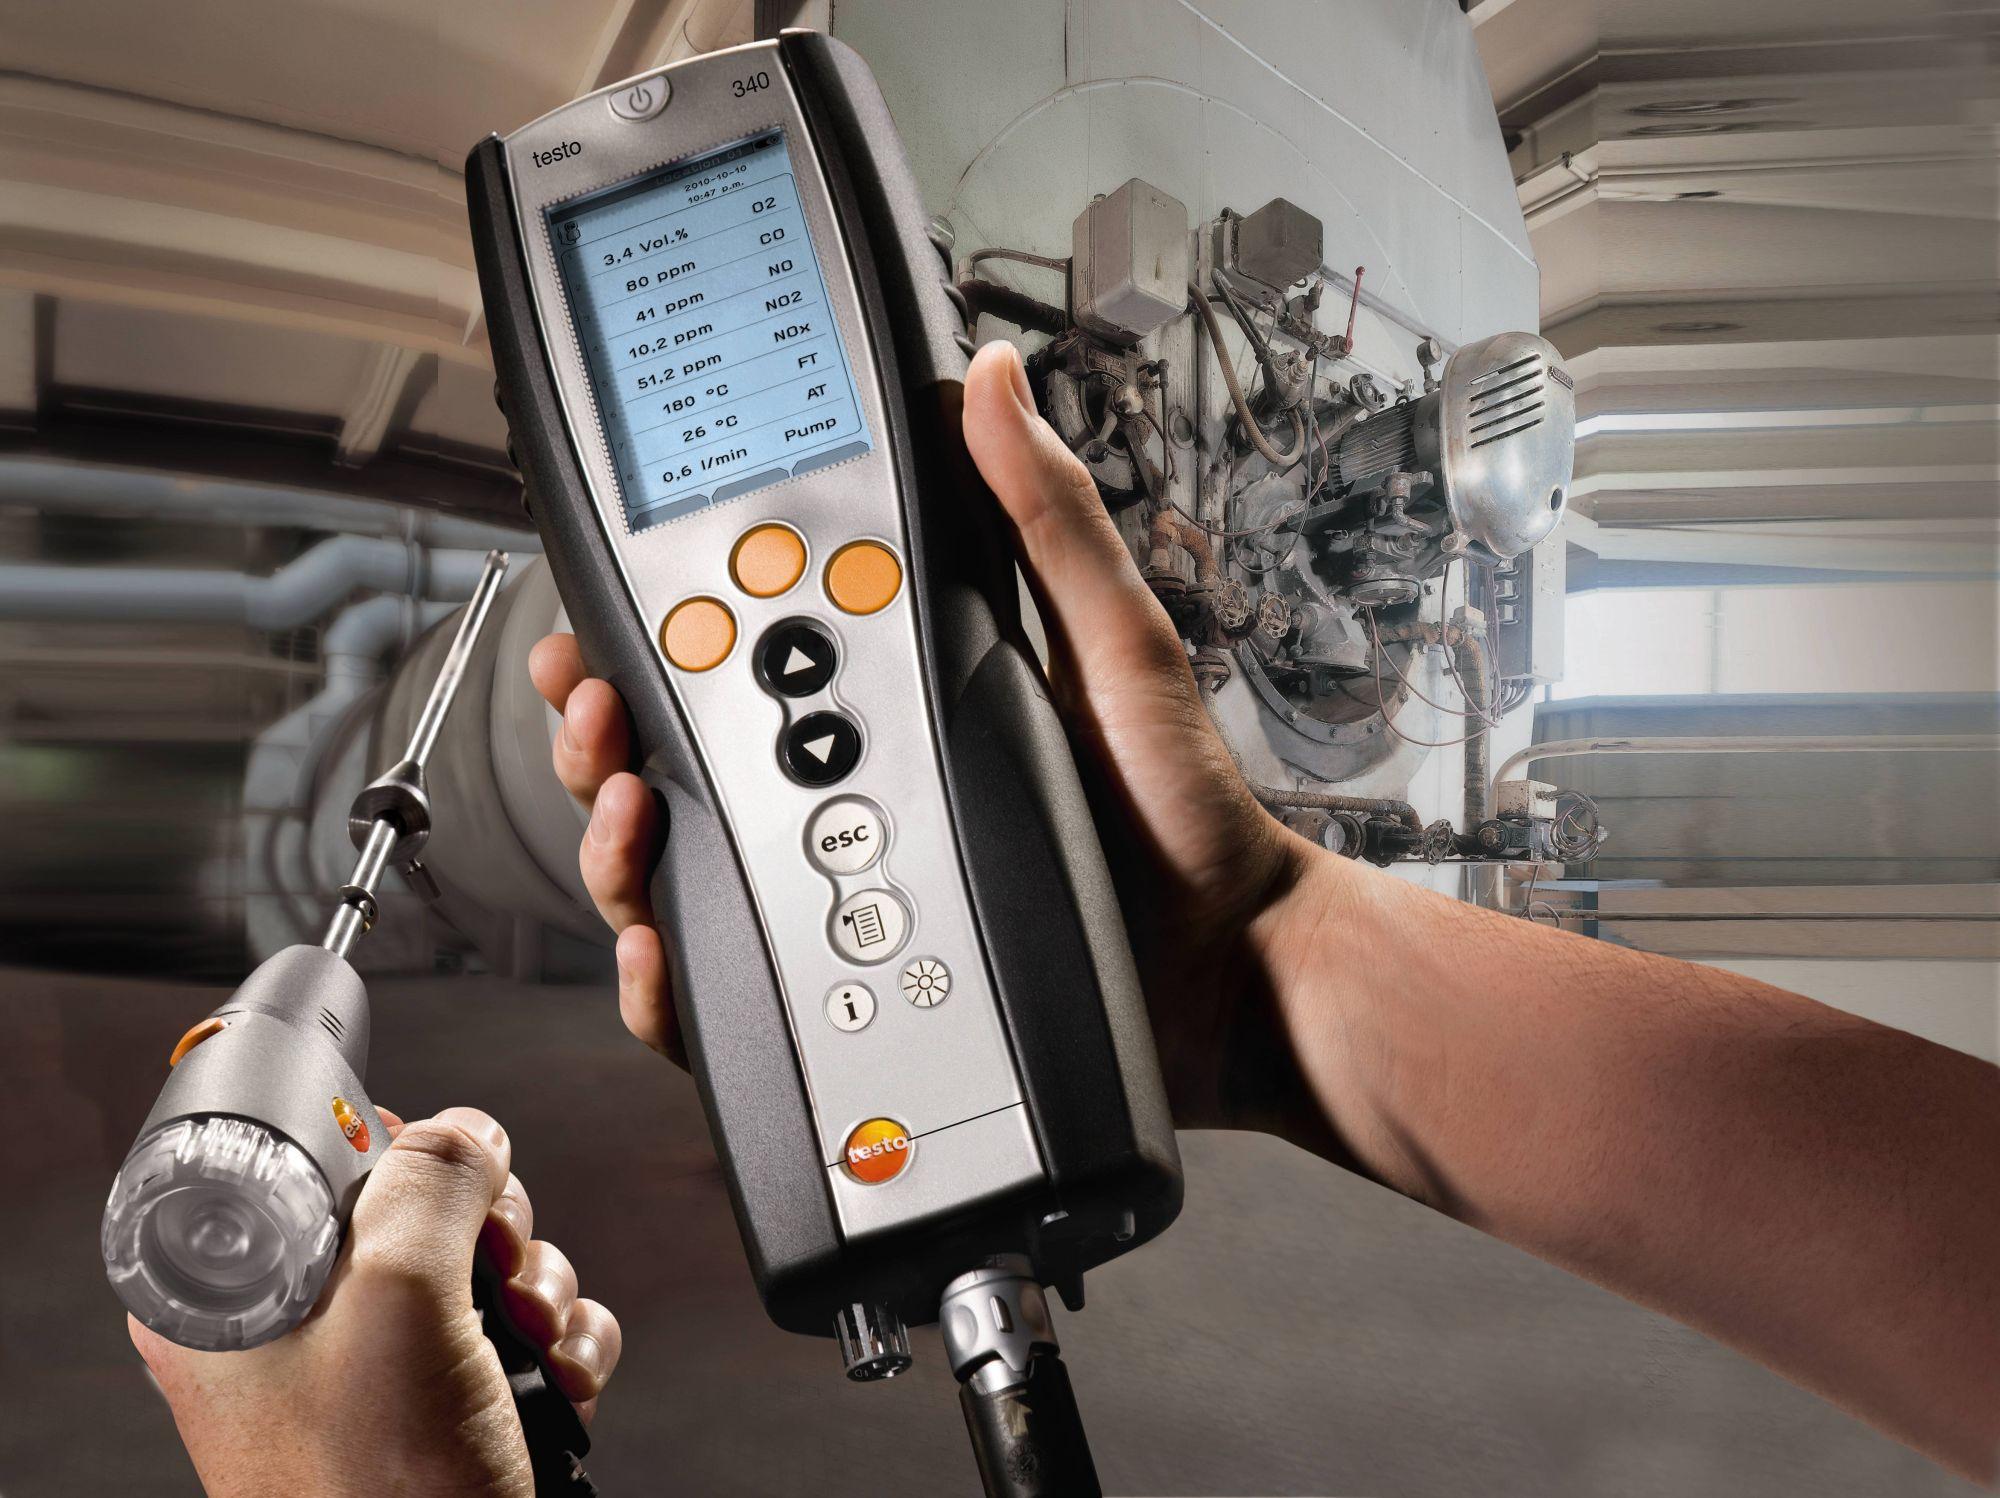 Газоанализатор бытовой: принцип работы и как правильно пользоваться, назначение